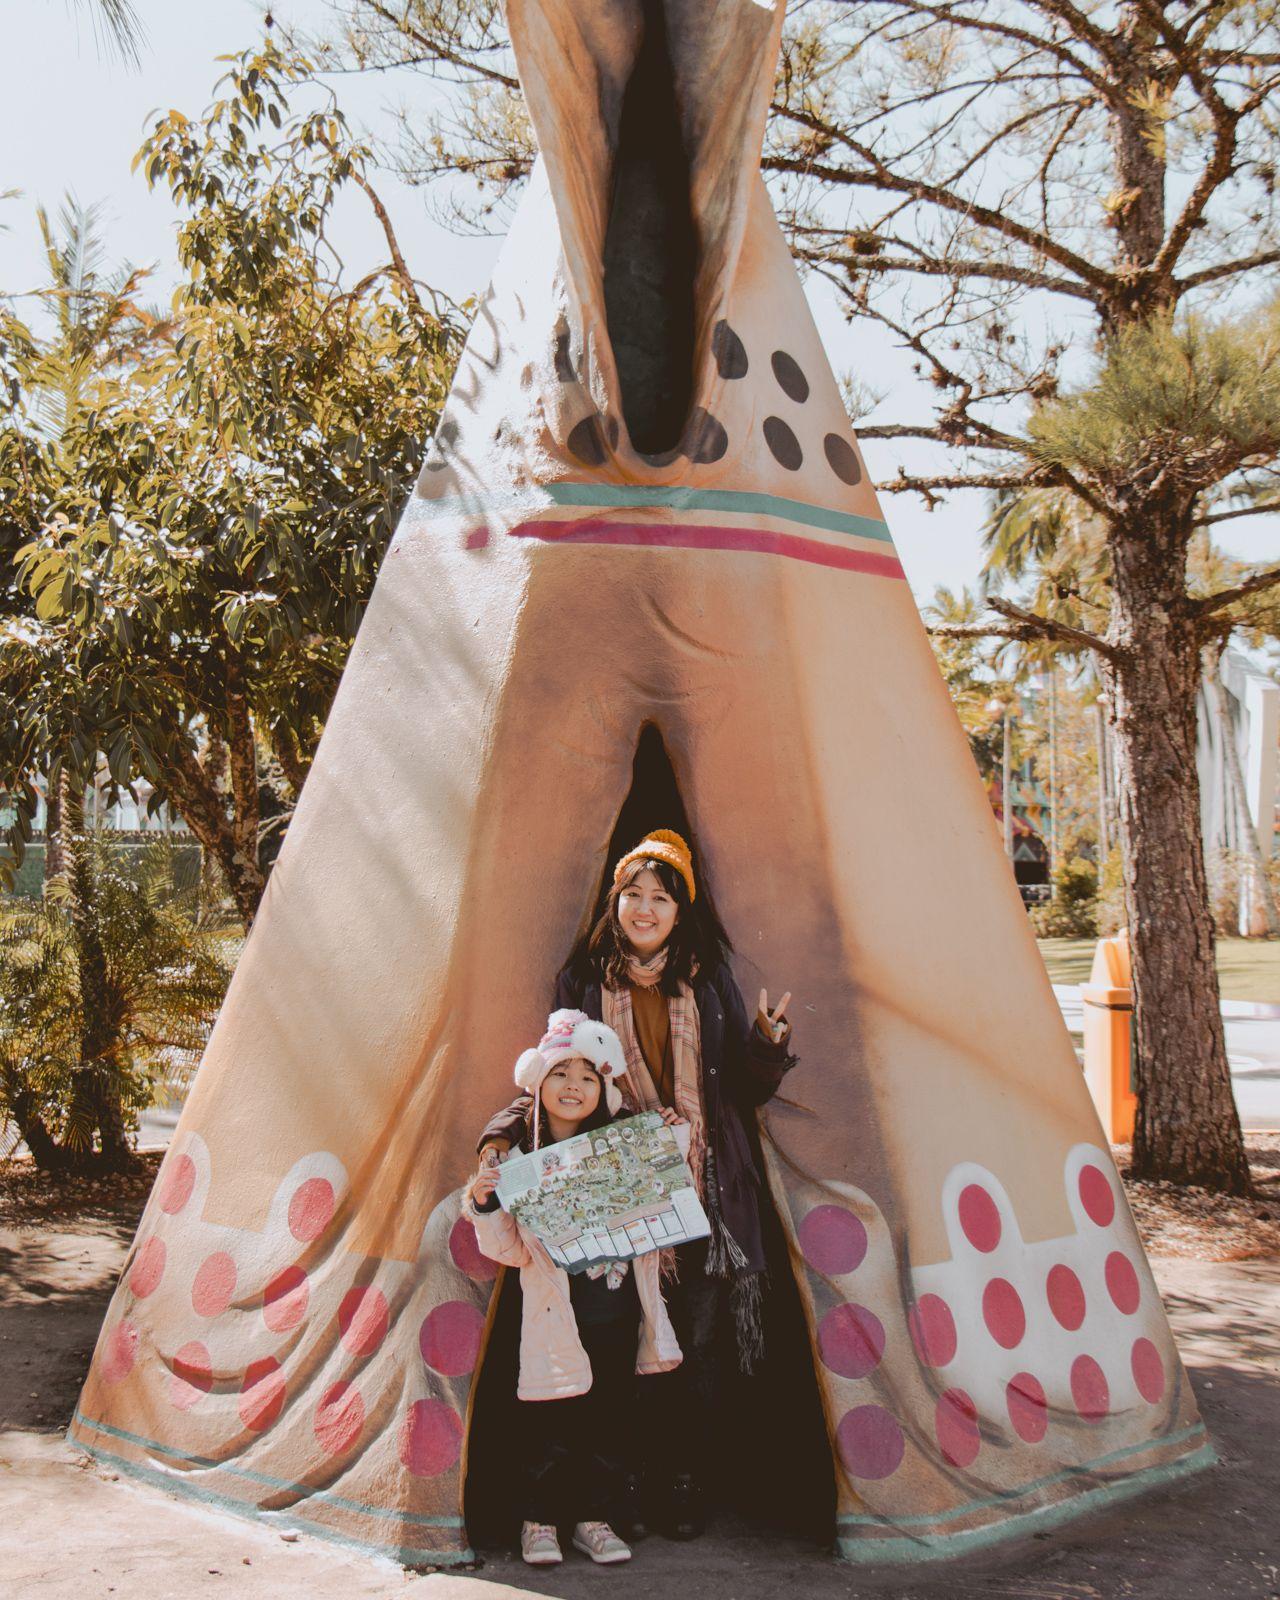 tenda de índios beto carrero